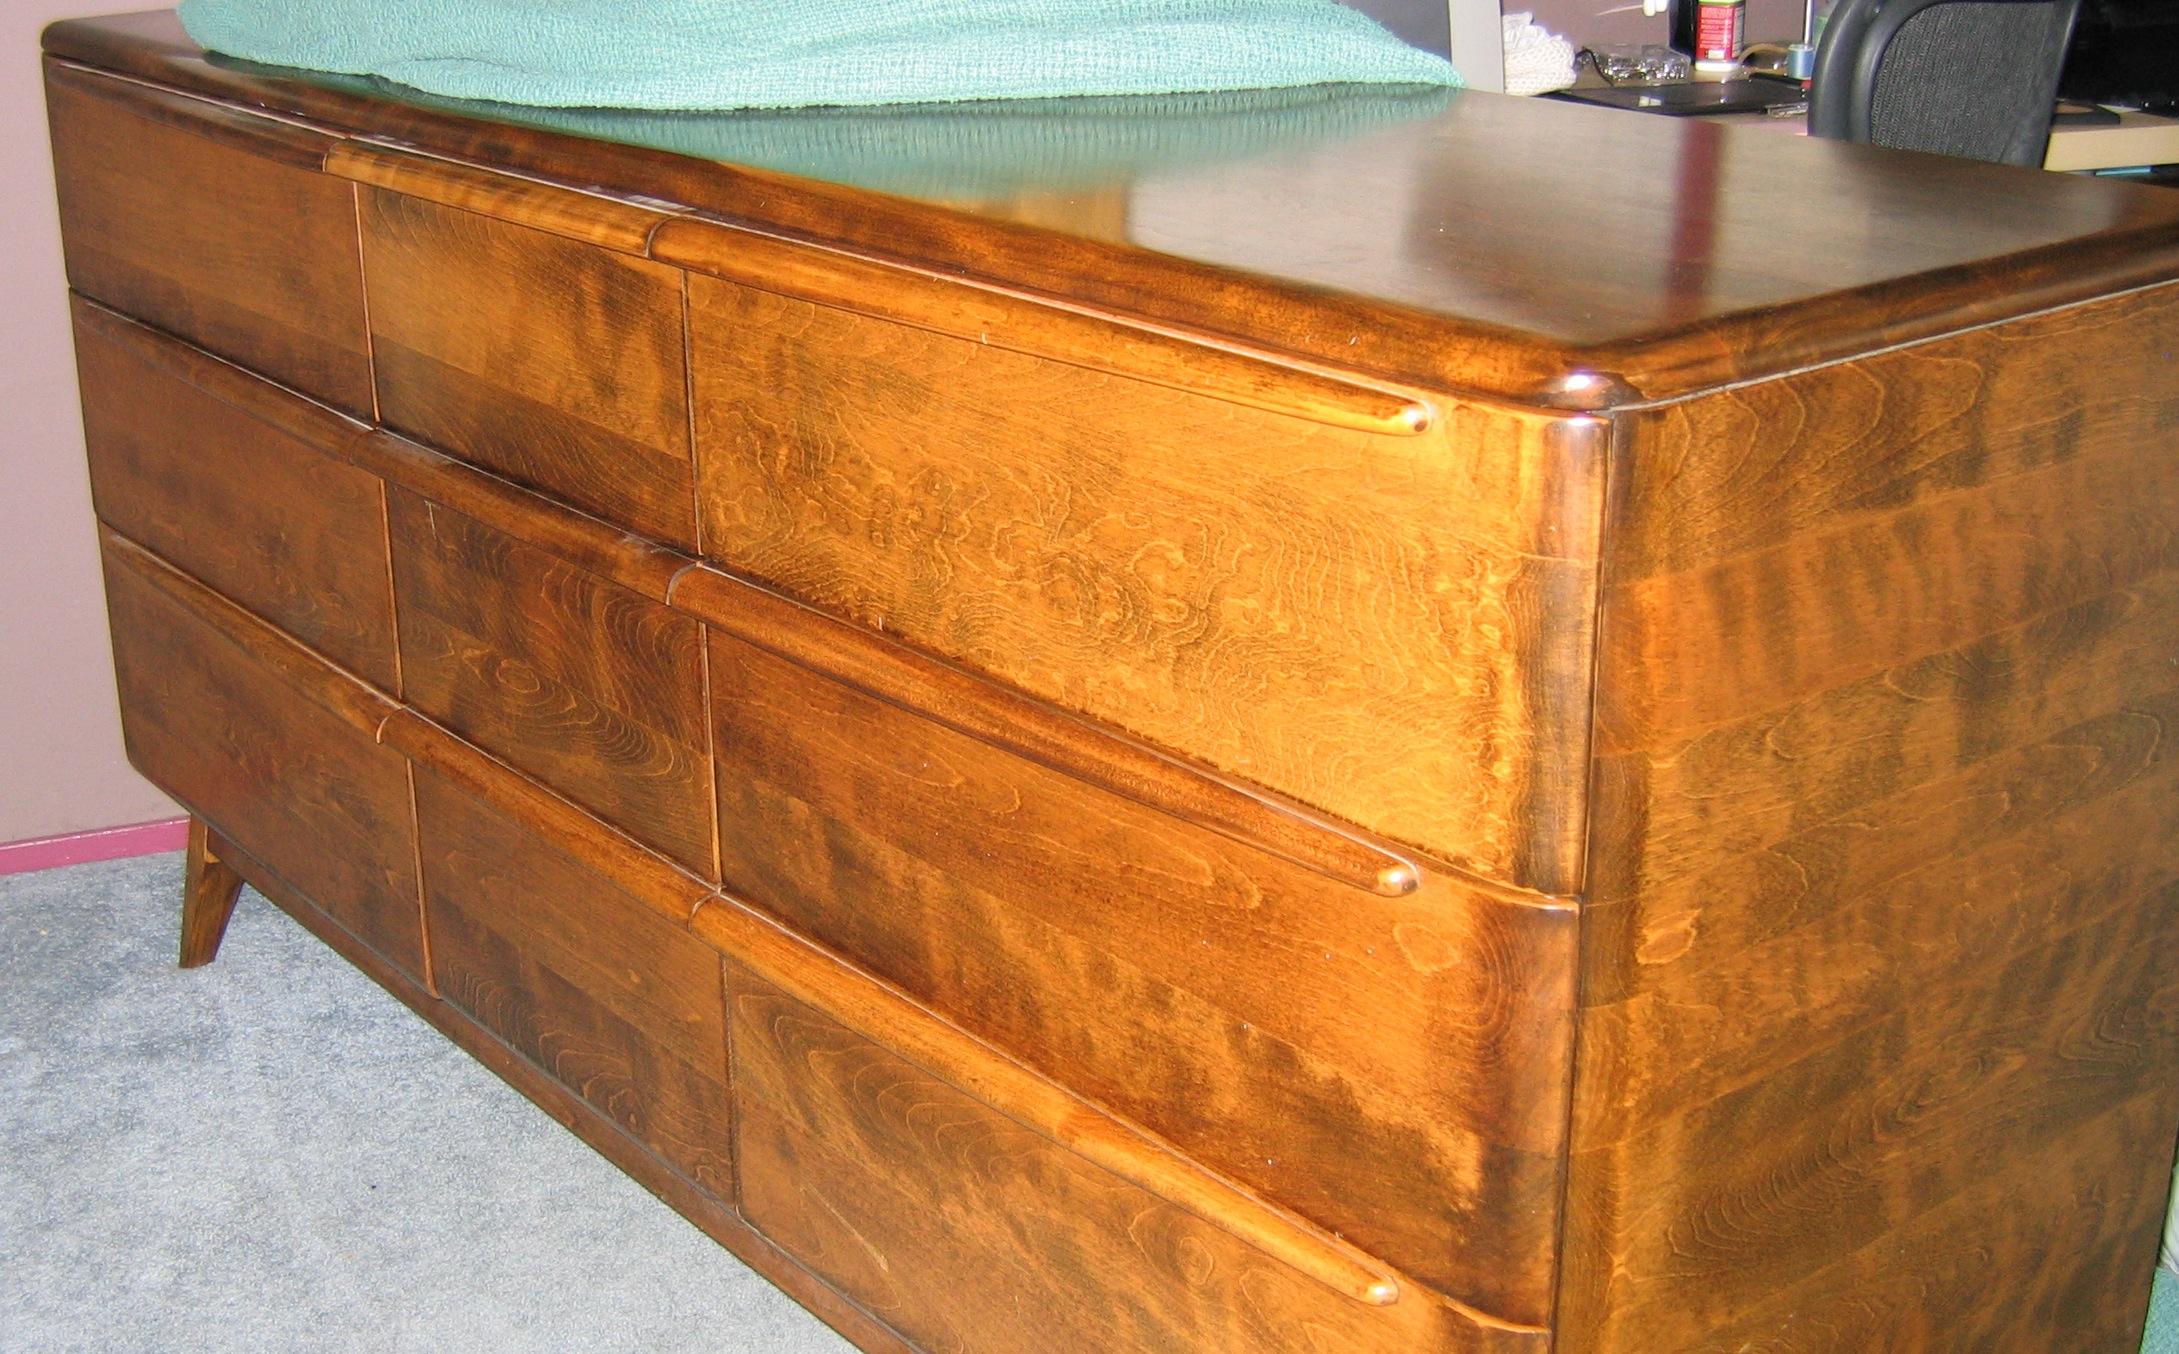 Custom Heywood Wakefield Bedroom Set Antique Appraisal Instappraisal